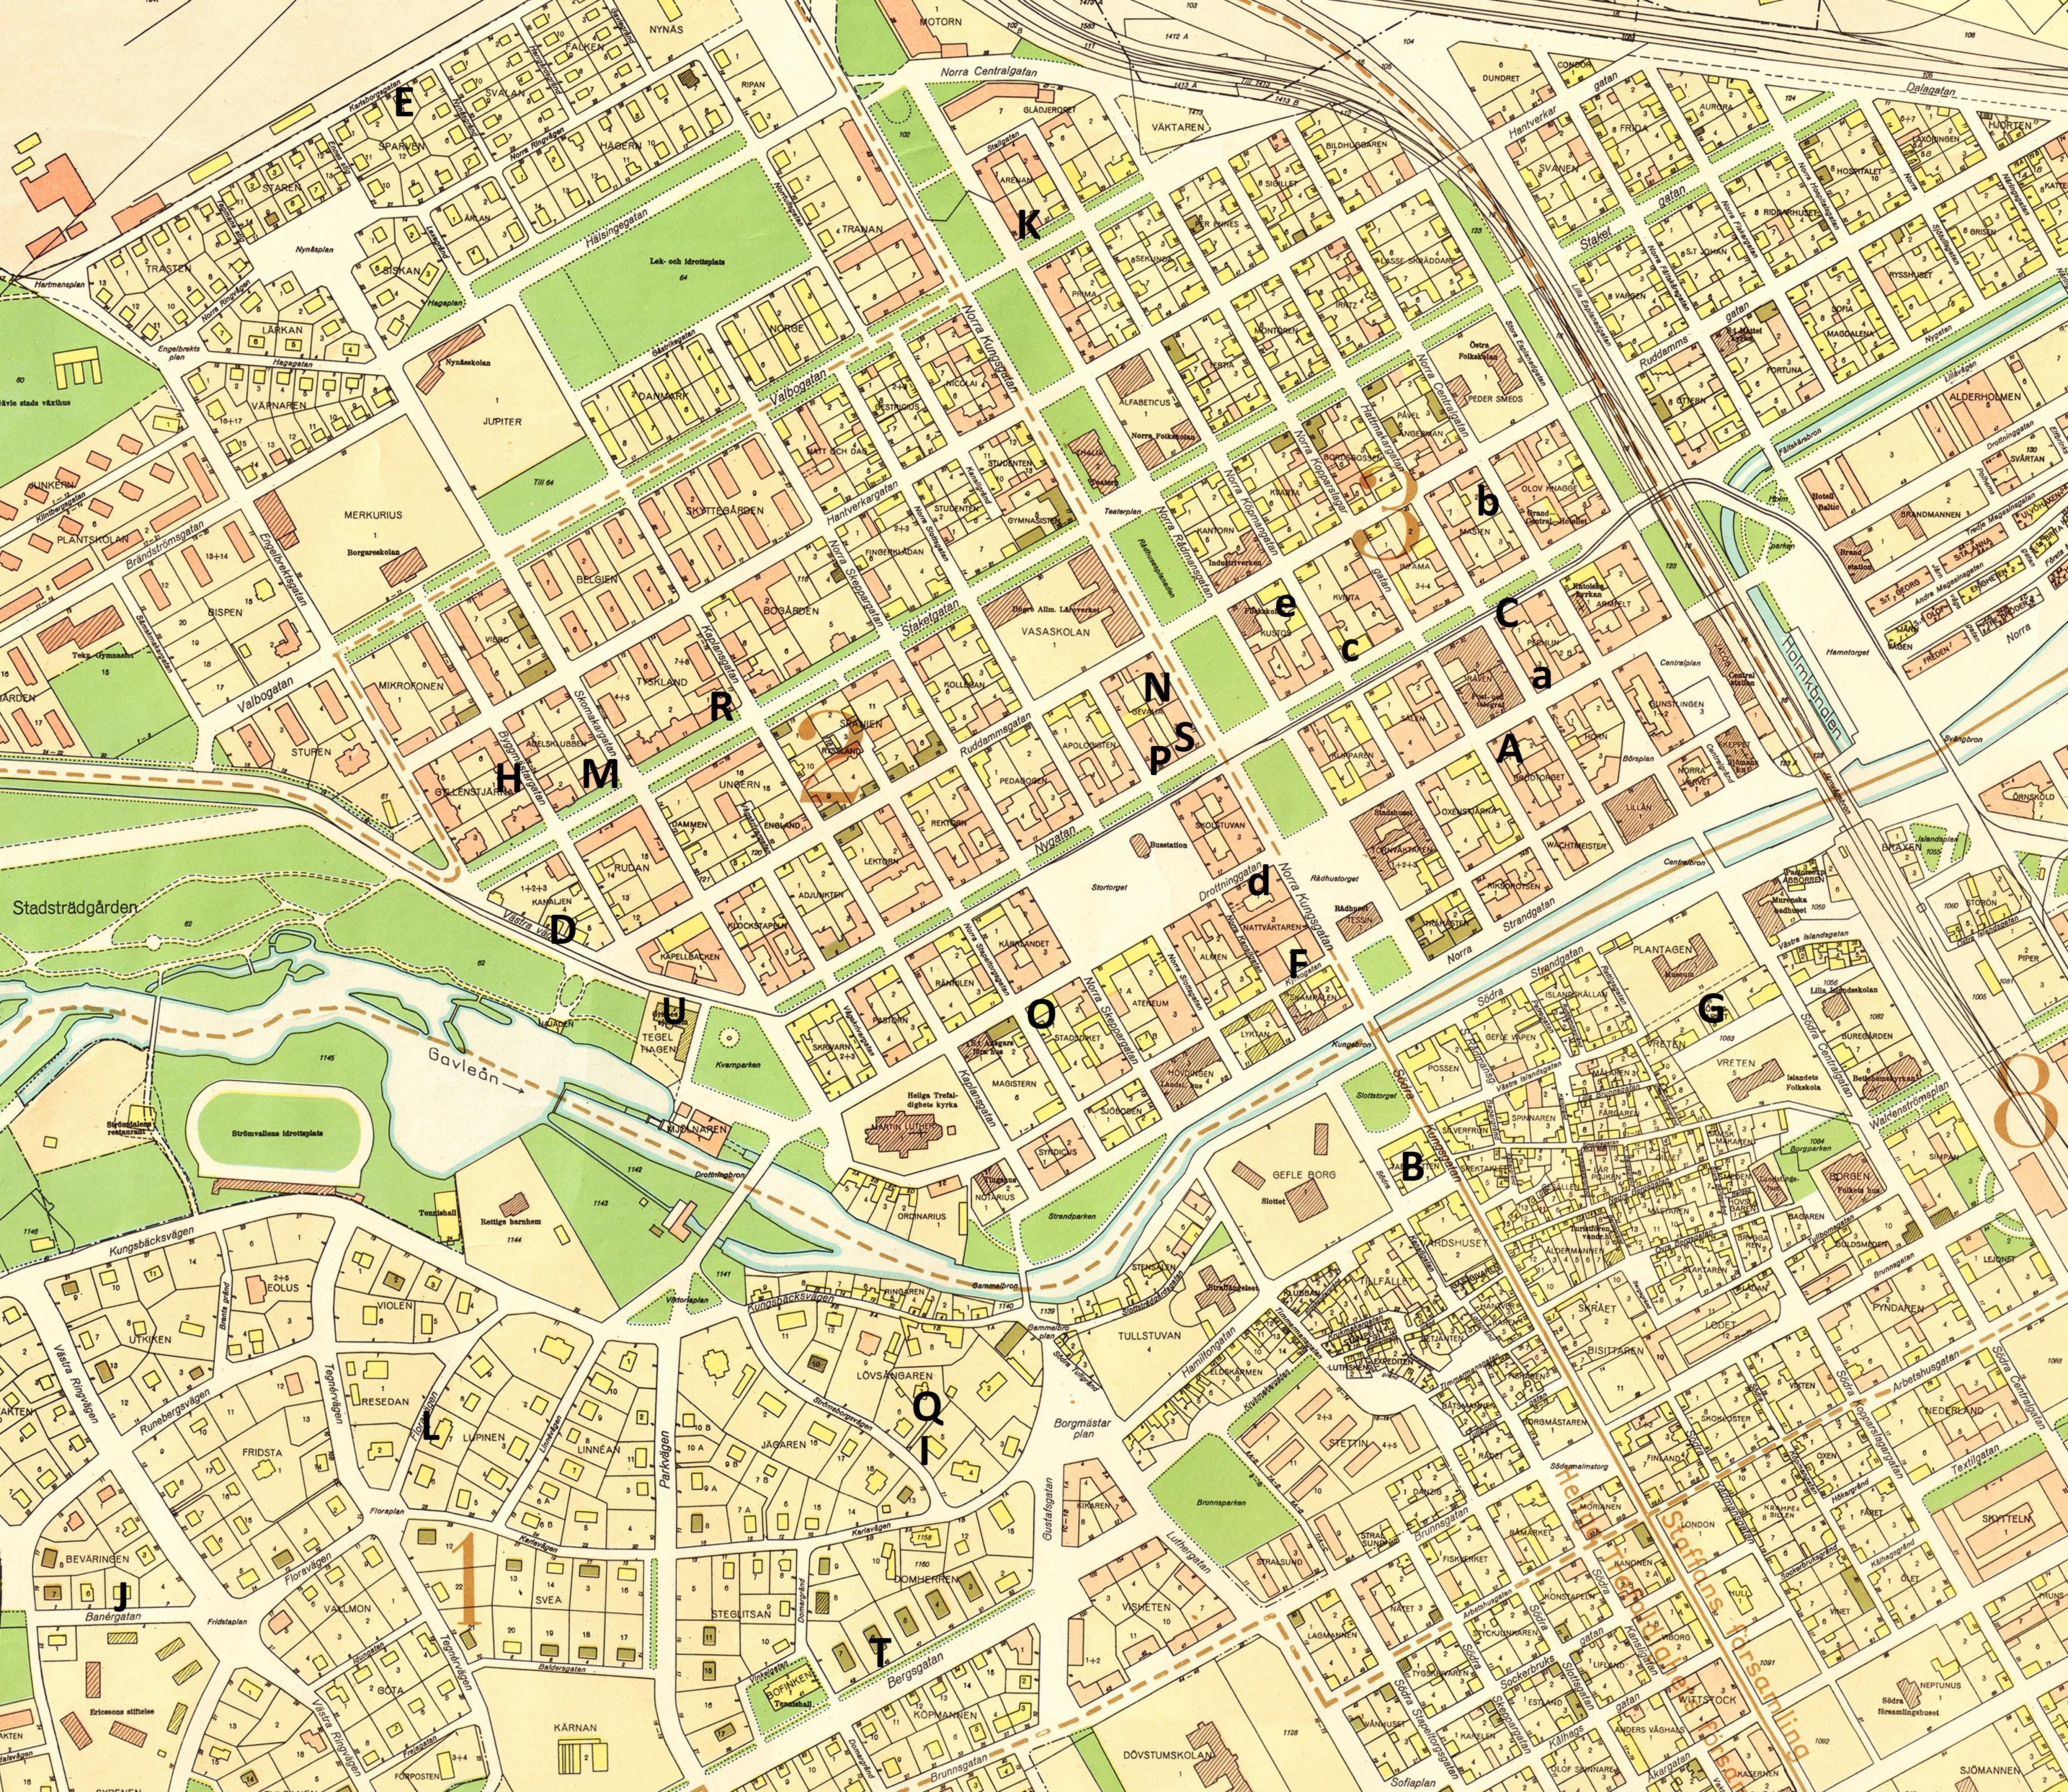 Karta (från 1950) med bostäderna markerade. (Klicka på kartan för att få den större.)